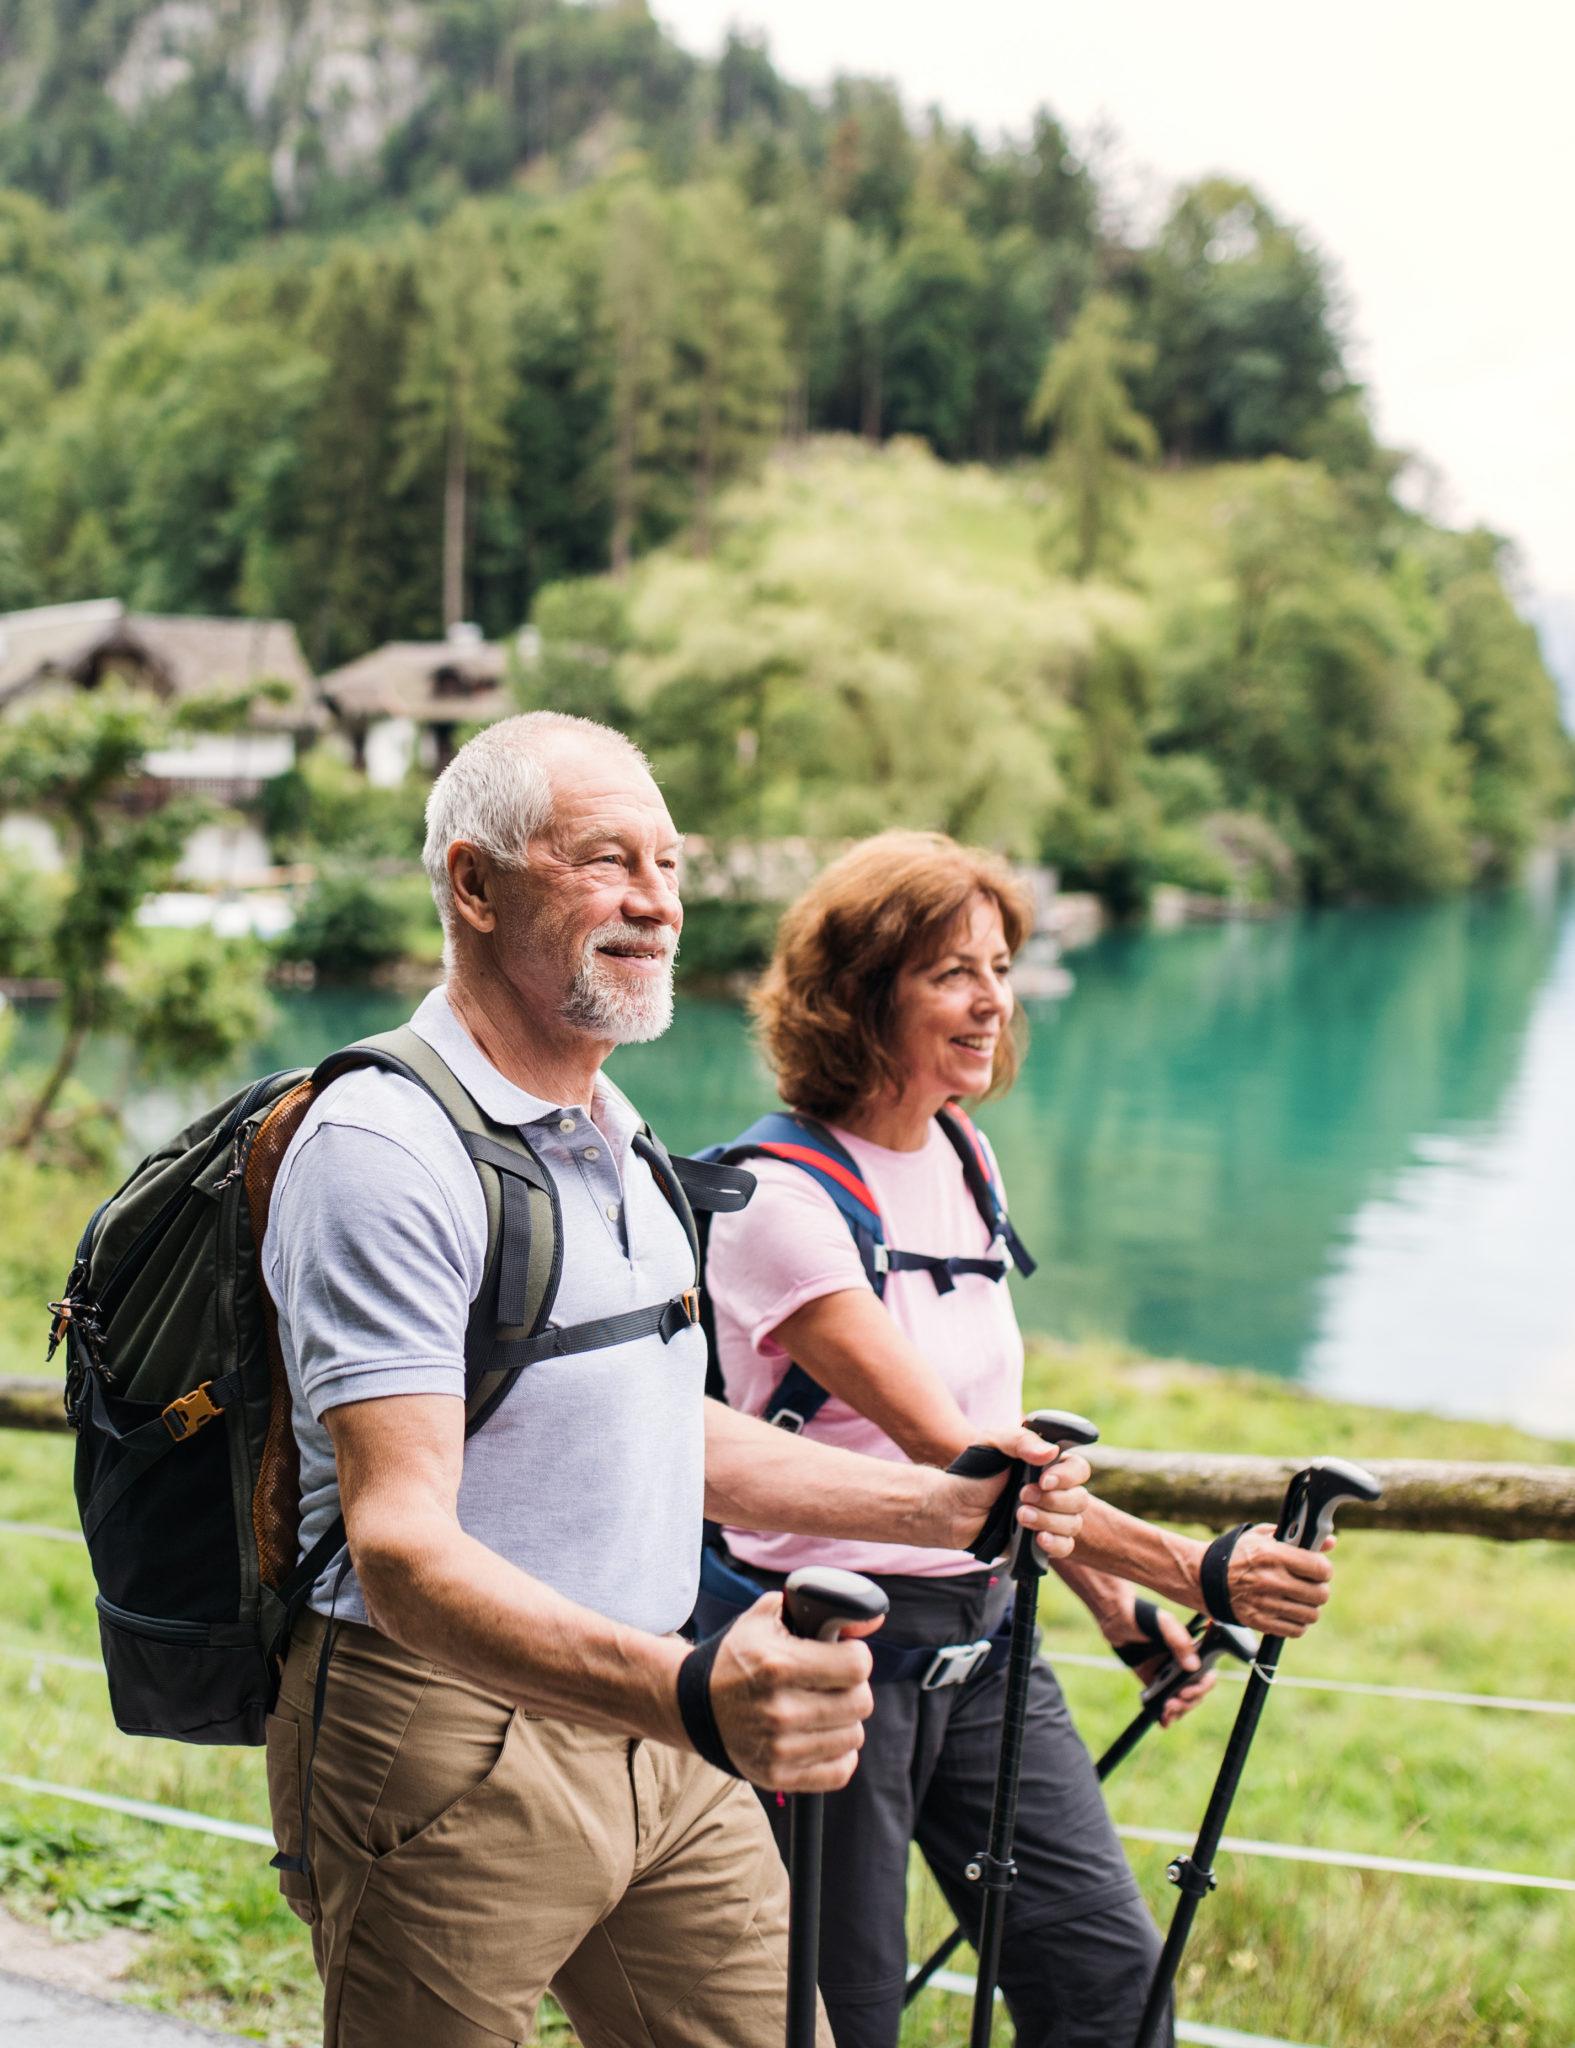 seniors - marche nordique - sport à la retraite - Bazile Telecom